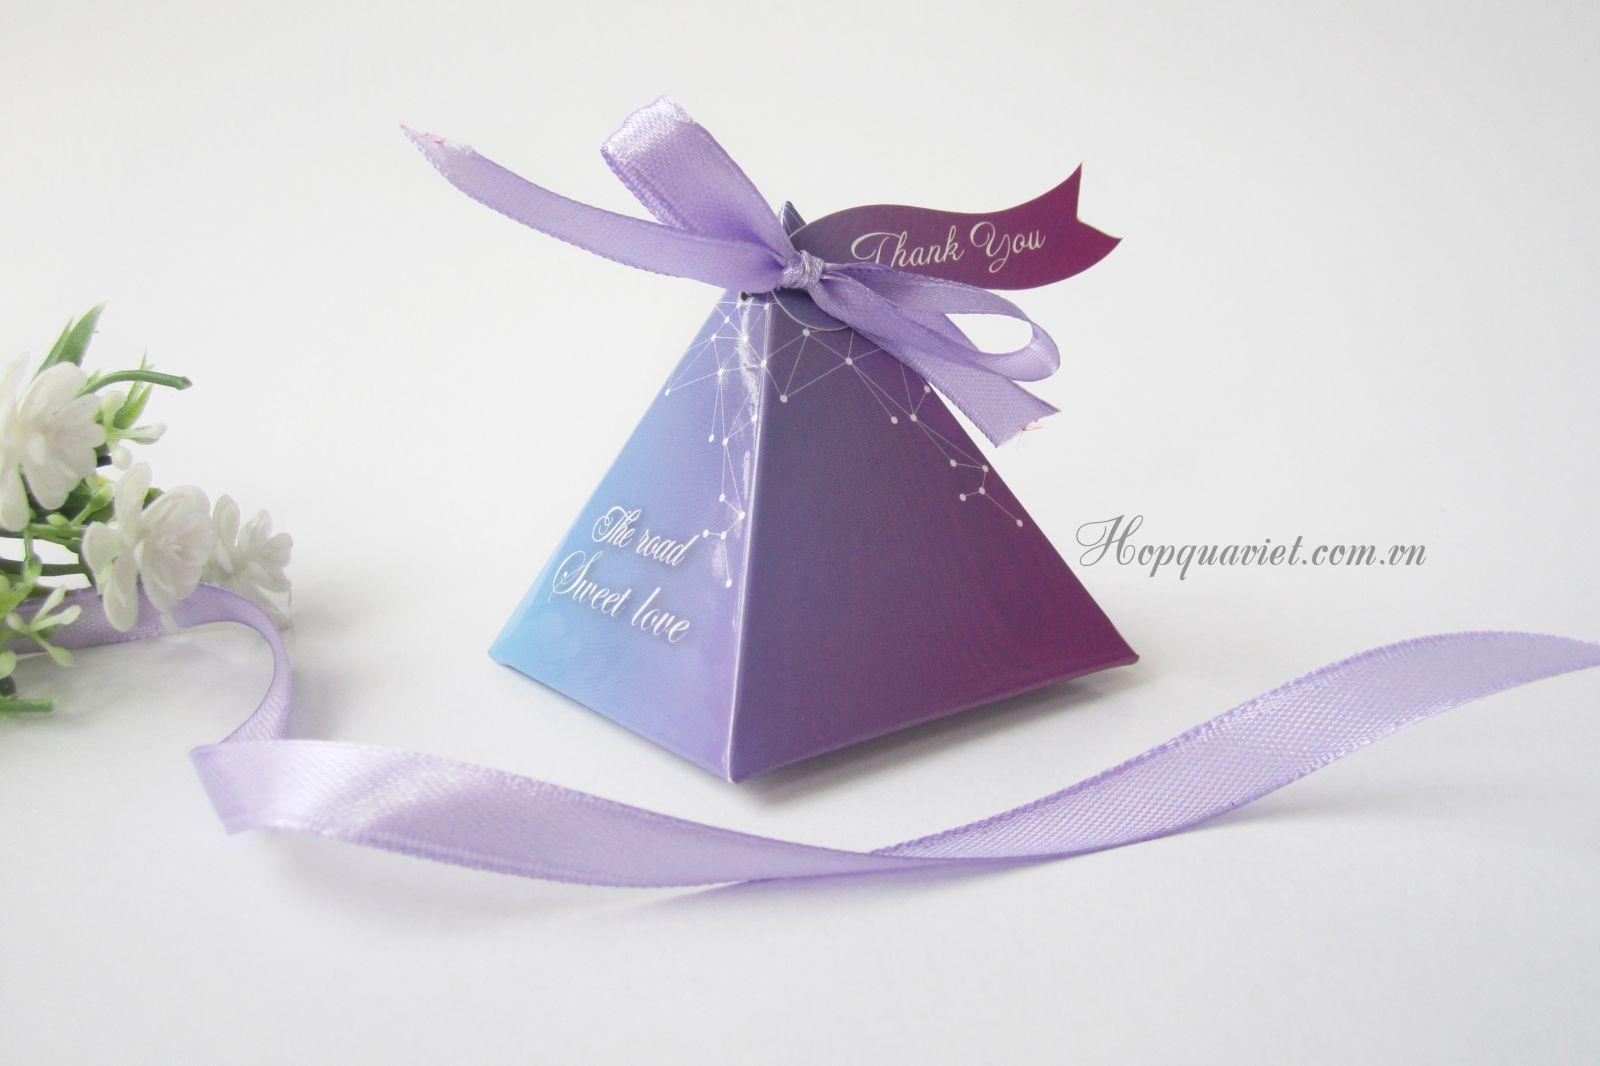 Hộp quà cưới tam giác 18H nơ tím (kèm tag thank you)